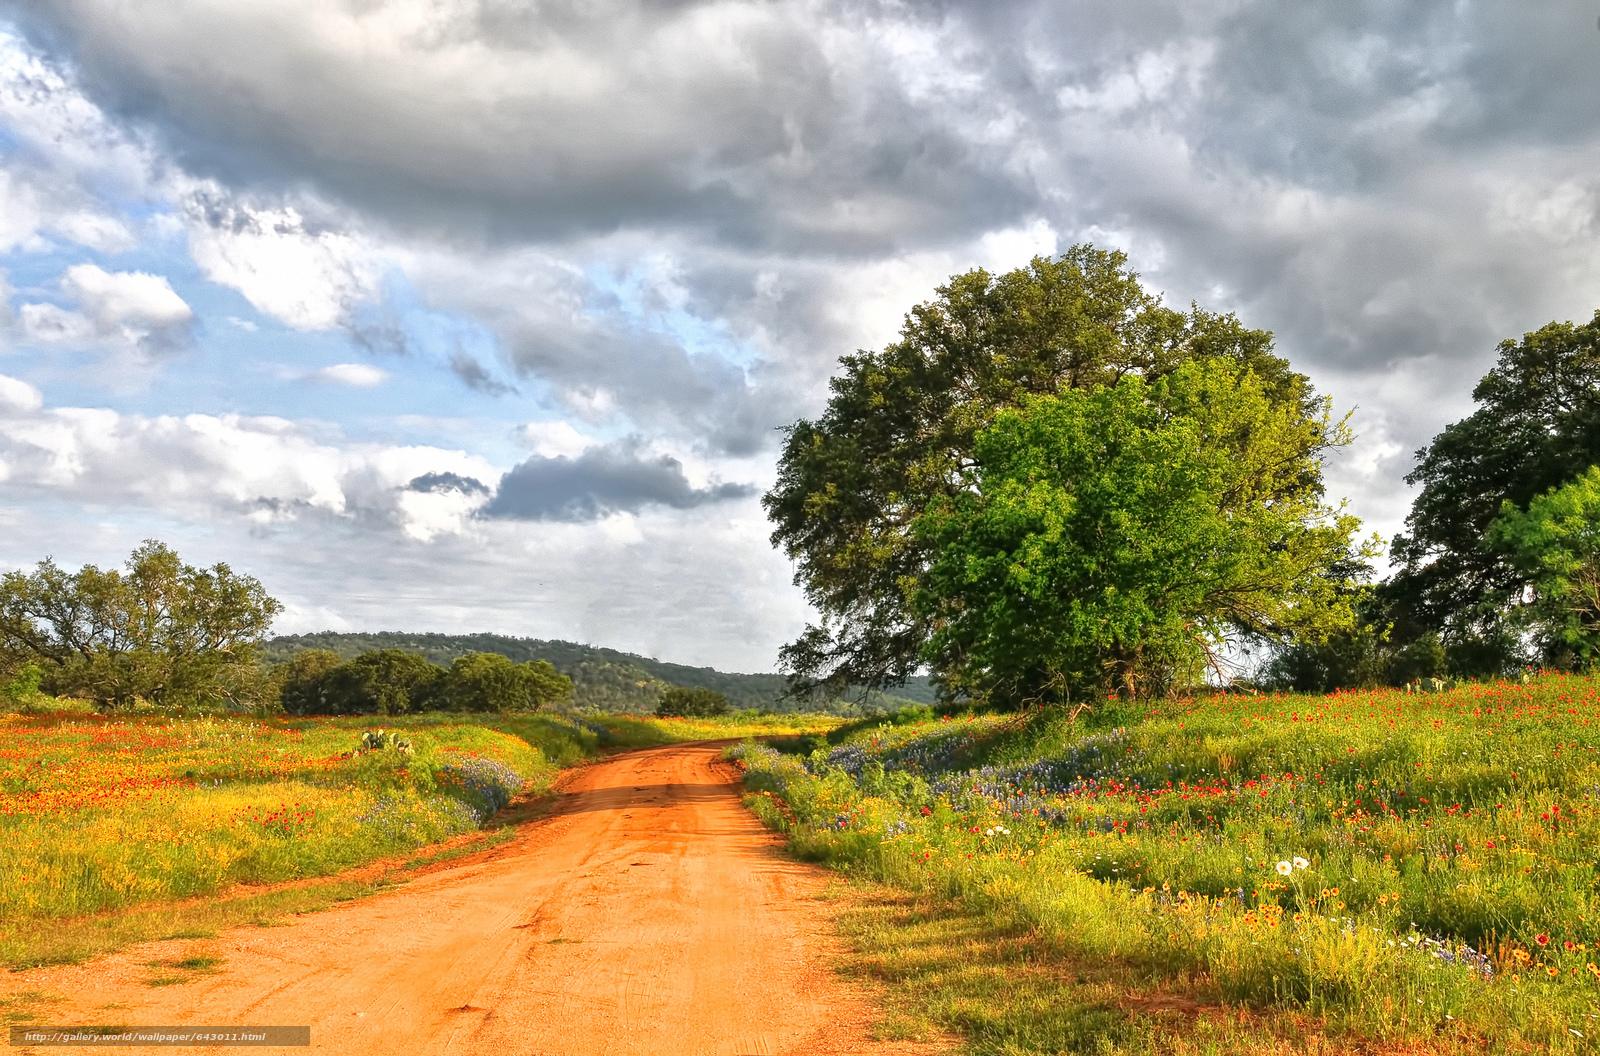 Скачать обои дорога,  поле,  деревья,  цветы бесплатно для рабочего стола в разрешении 2048x1352 — картинка №643011